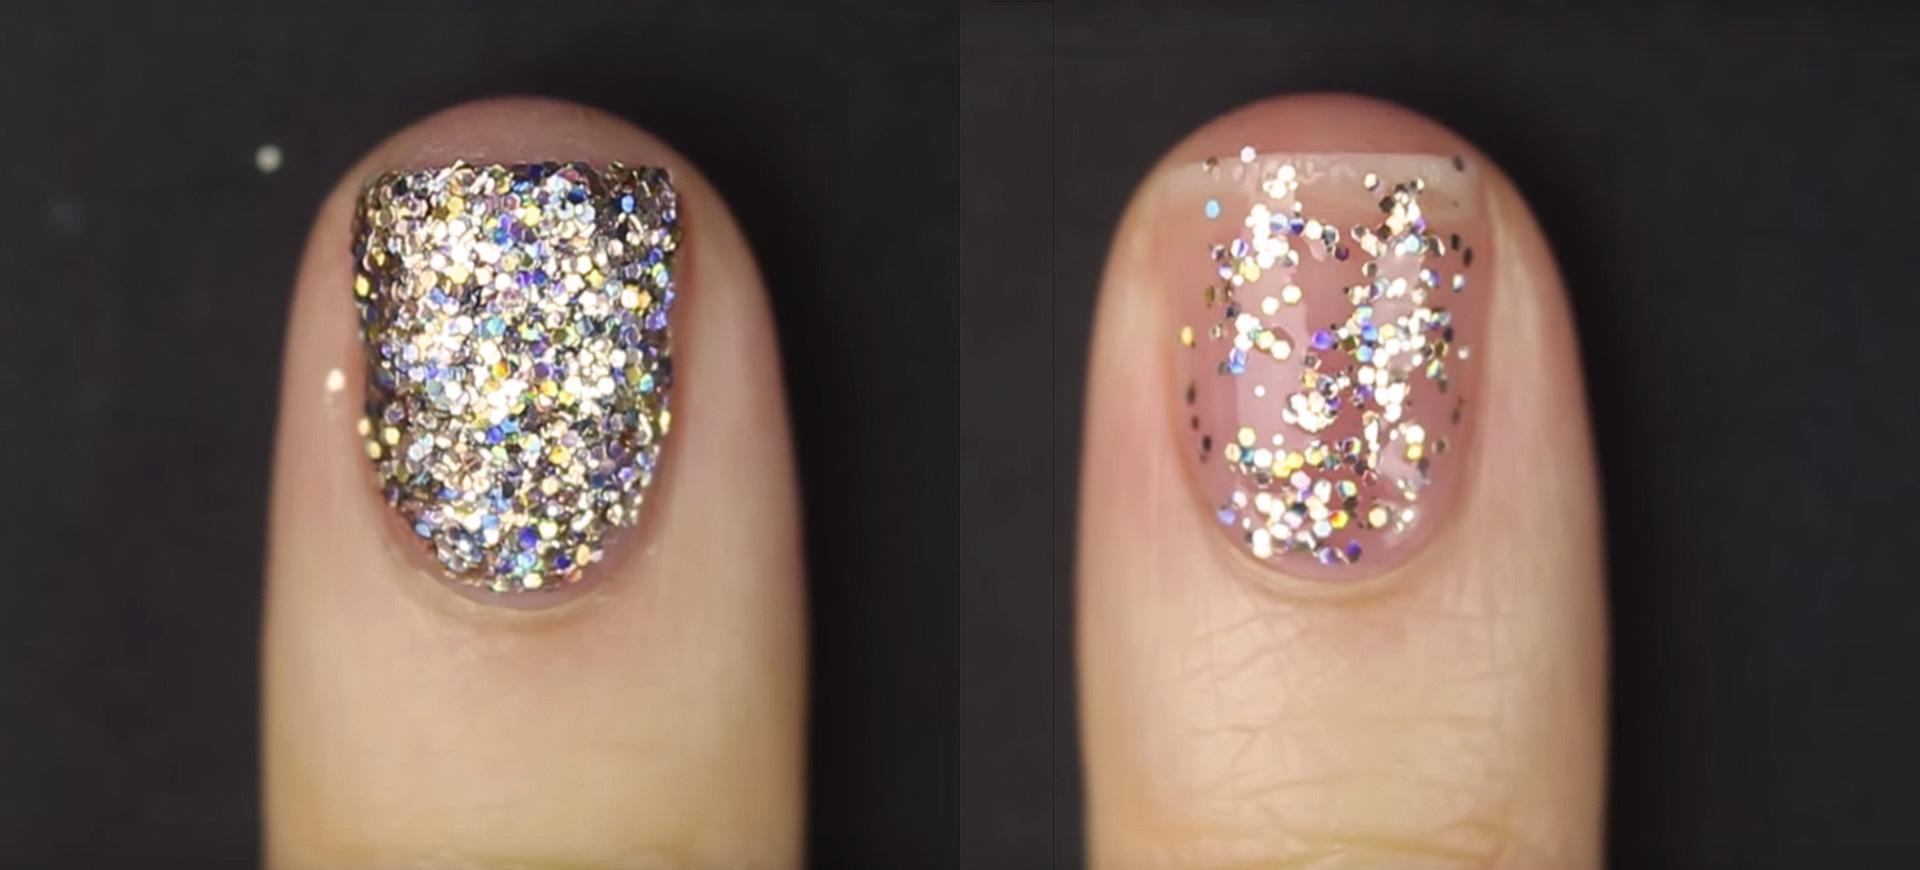 flytande tejp naglar